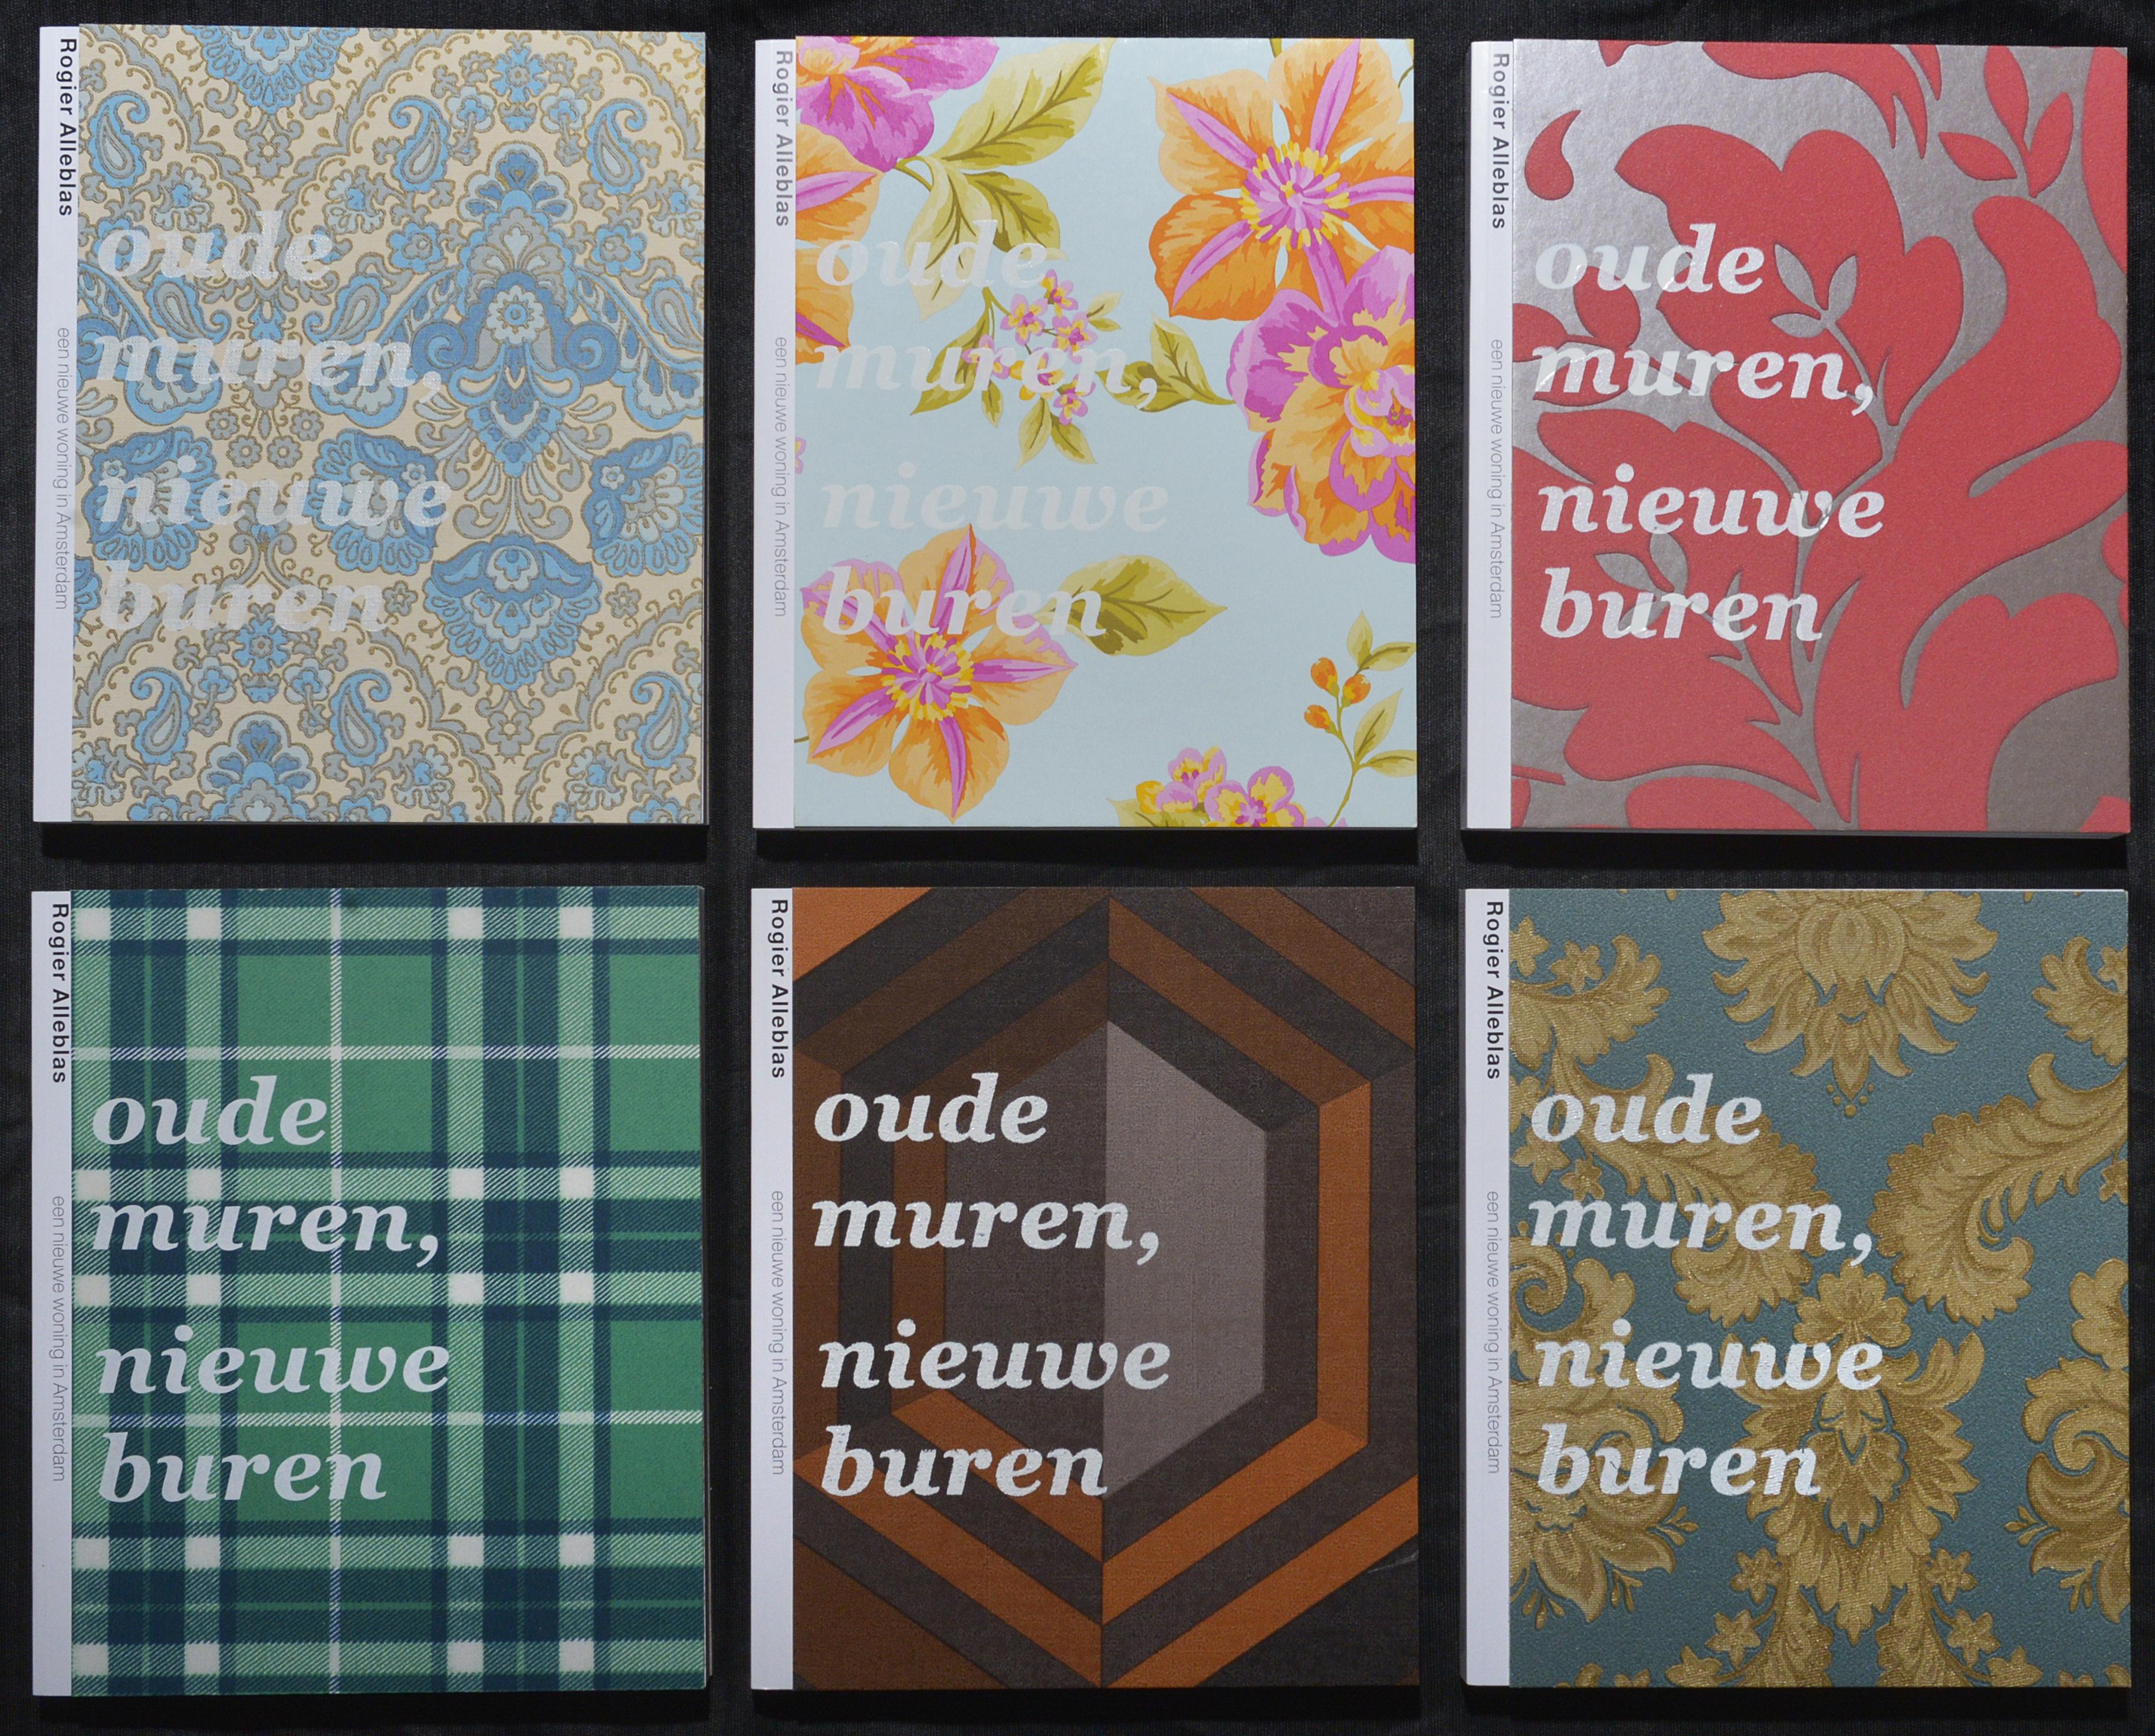 2013 Oude muren, nieuwe buren, uitgeverij de Jonge Hond